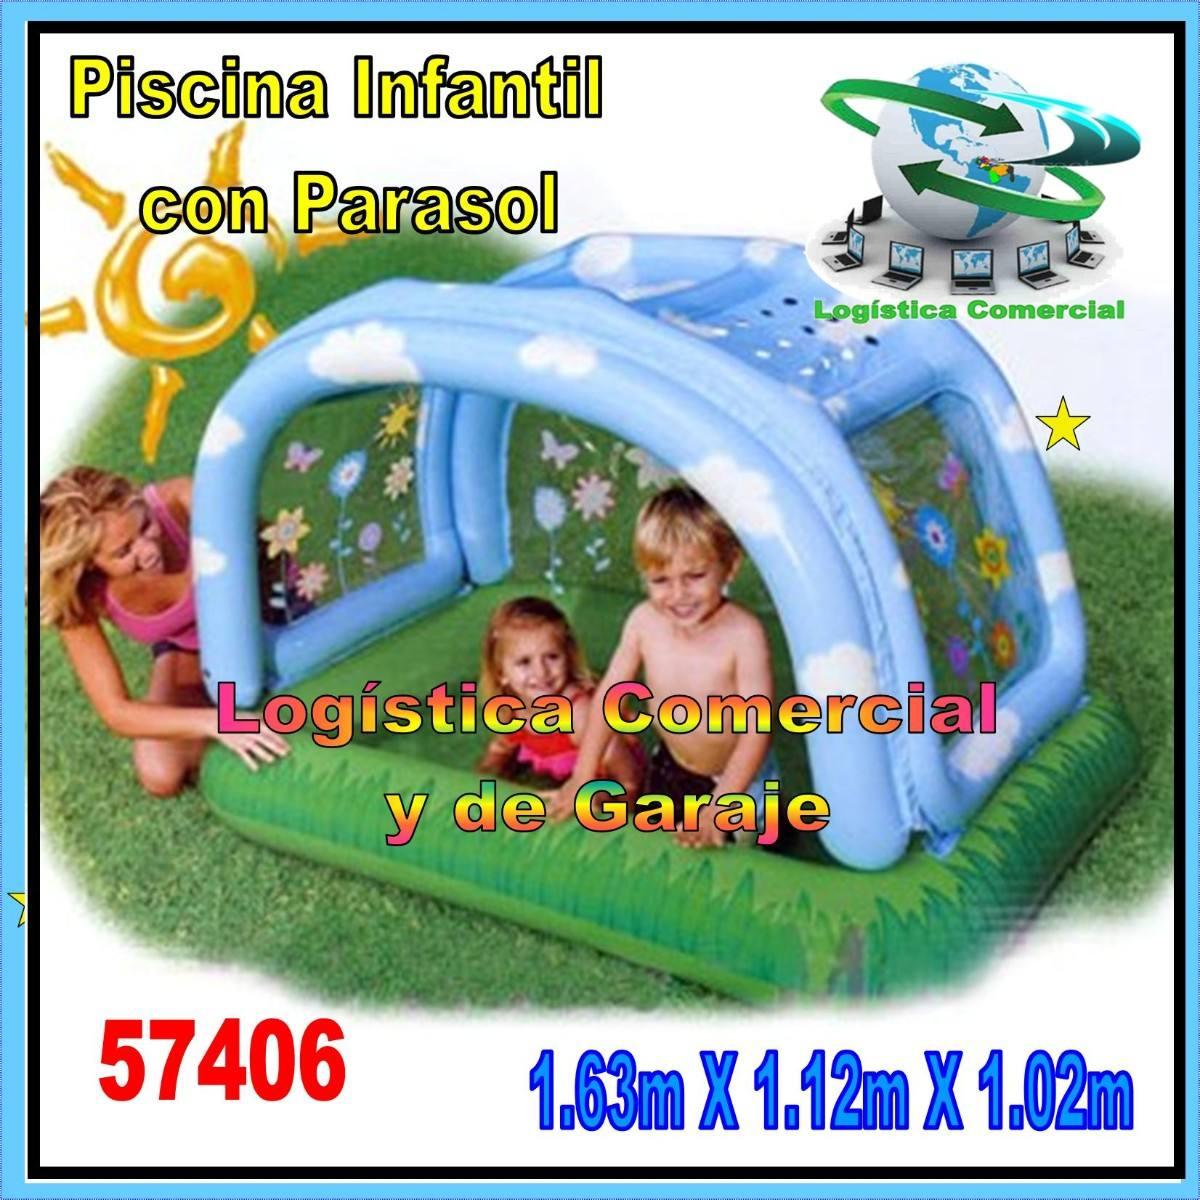 Piscina inflable para ni os intex 57406 con parasol o for Banadores para bebes piscina